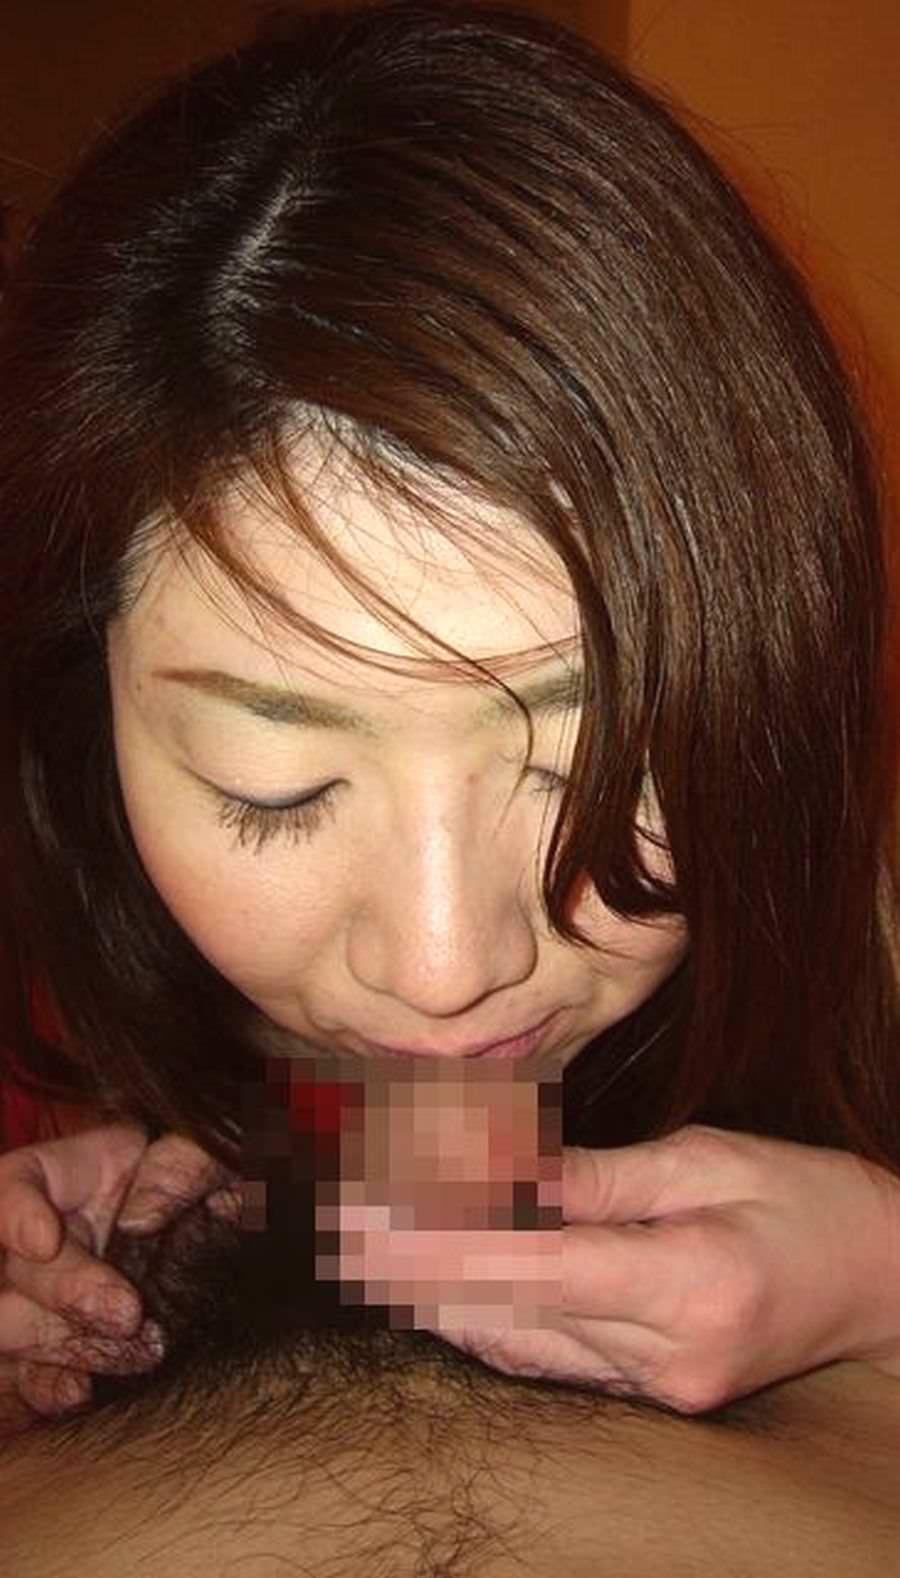 軽いSMプレイを楽しむ人妻とセックス時はハメ撮りする素人夫婦の夜の営みwwwwww 21144